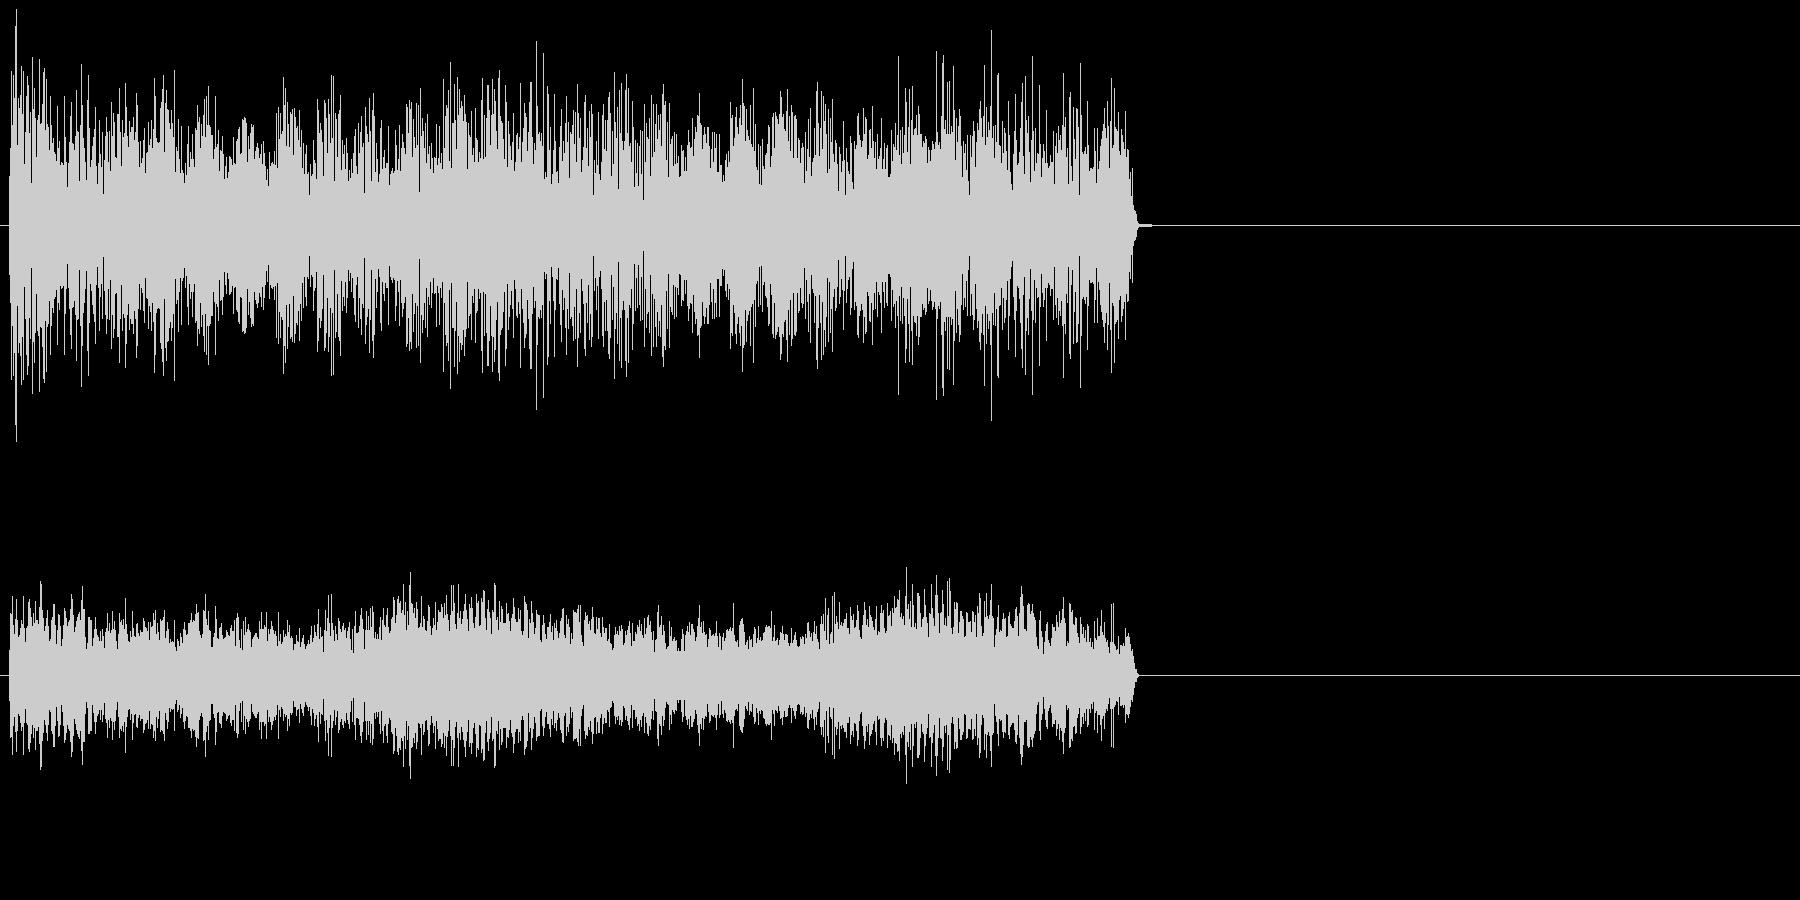 ダーン/恐怖、ホラーなオルガンの効果音の未再生の波形